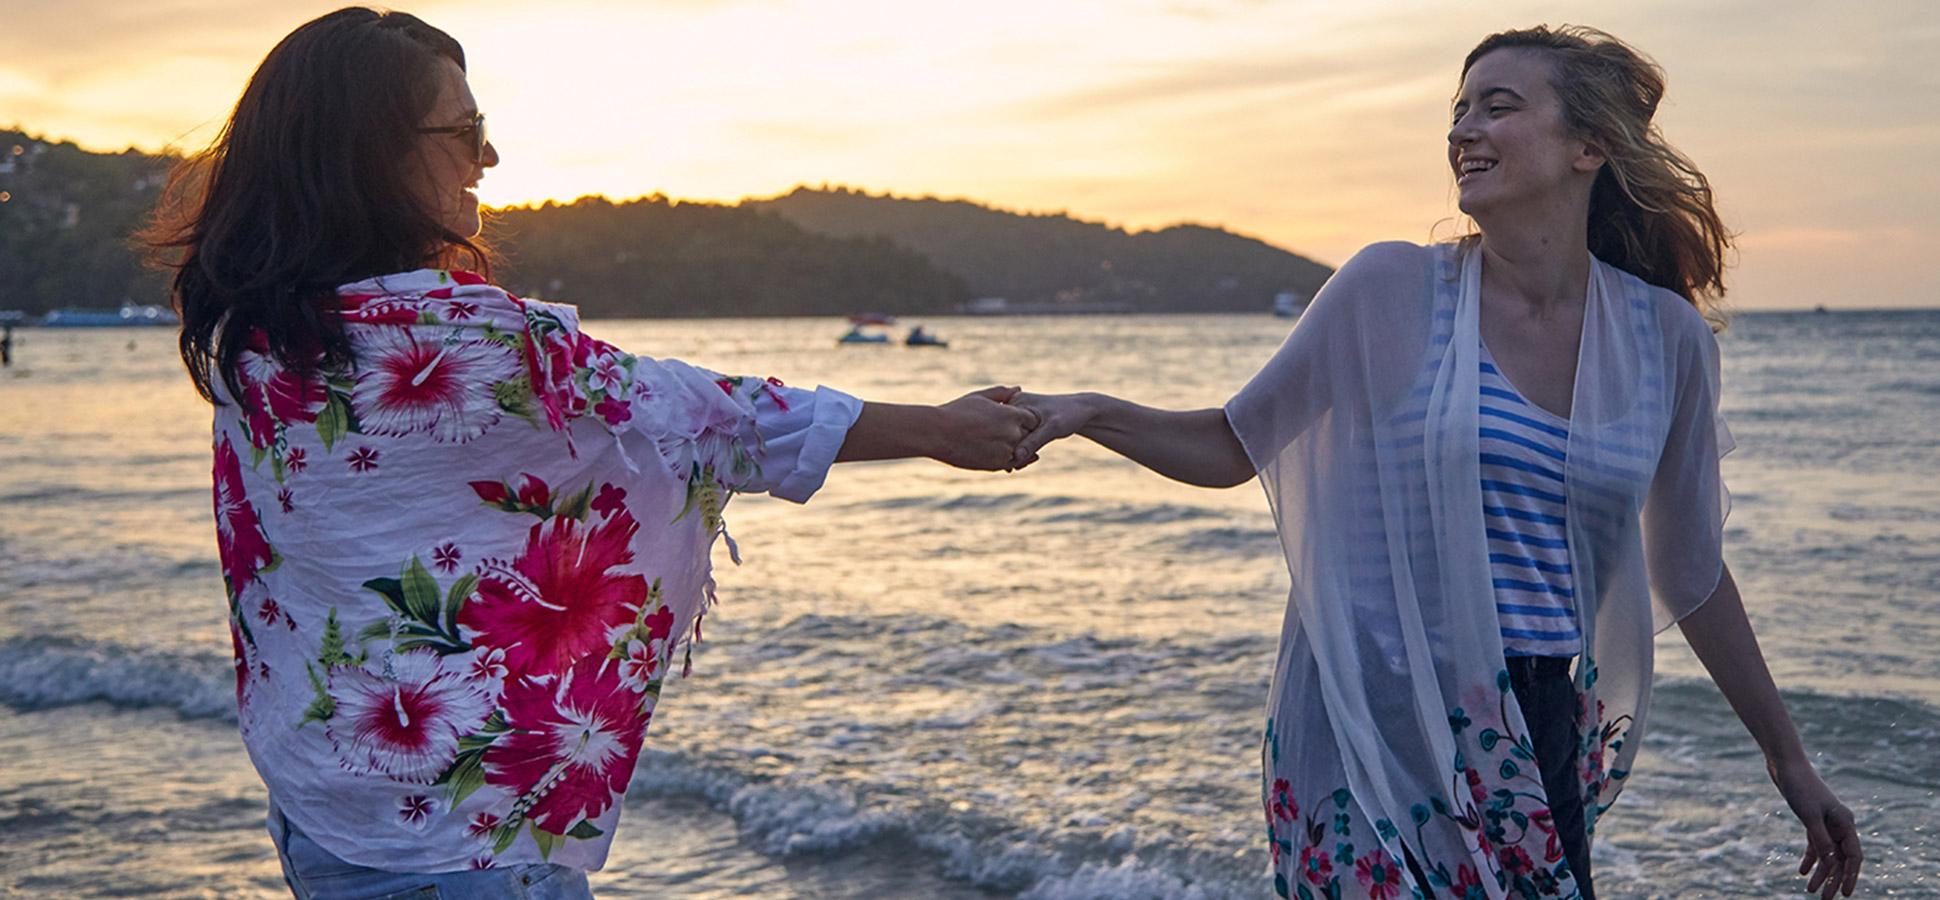 Phang Nga beach romance Go Thai Be Free